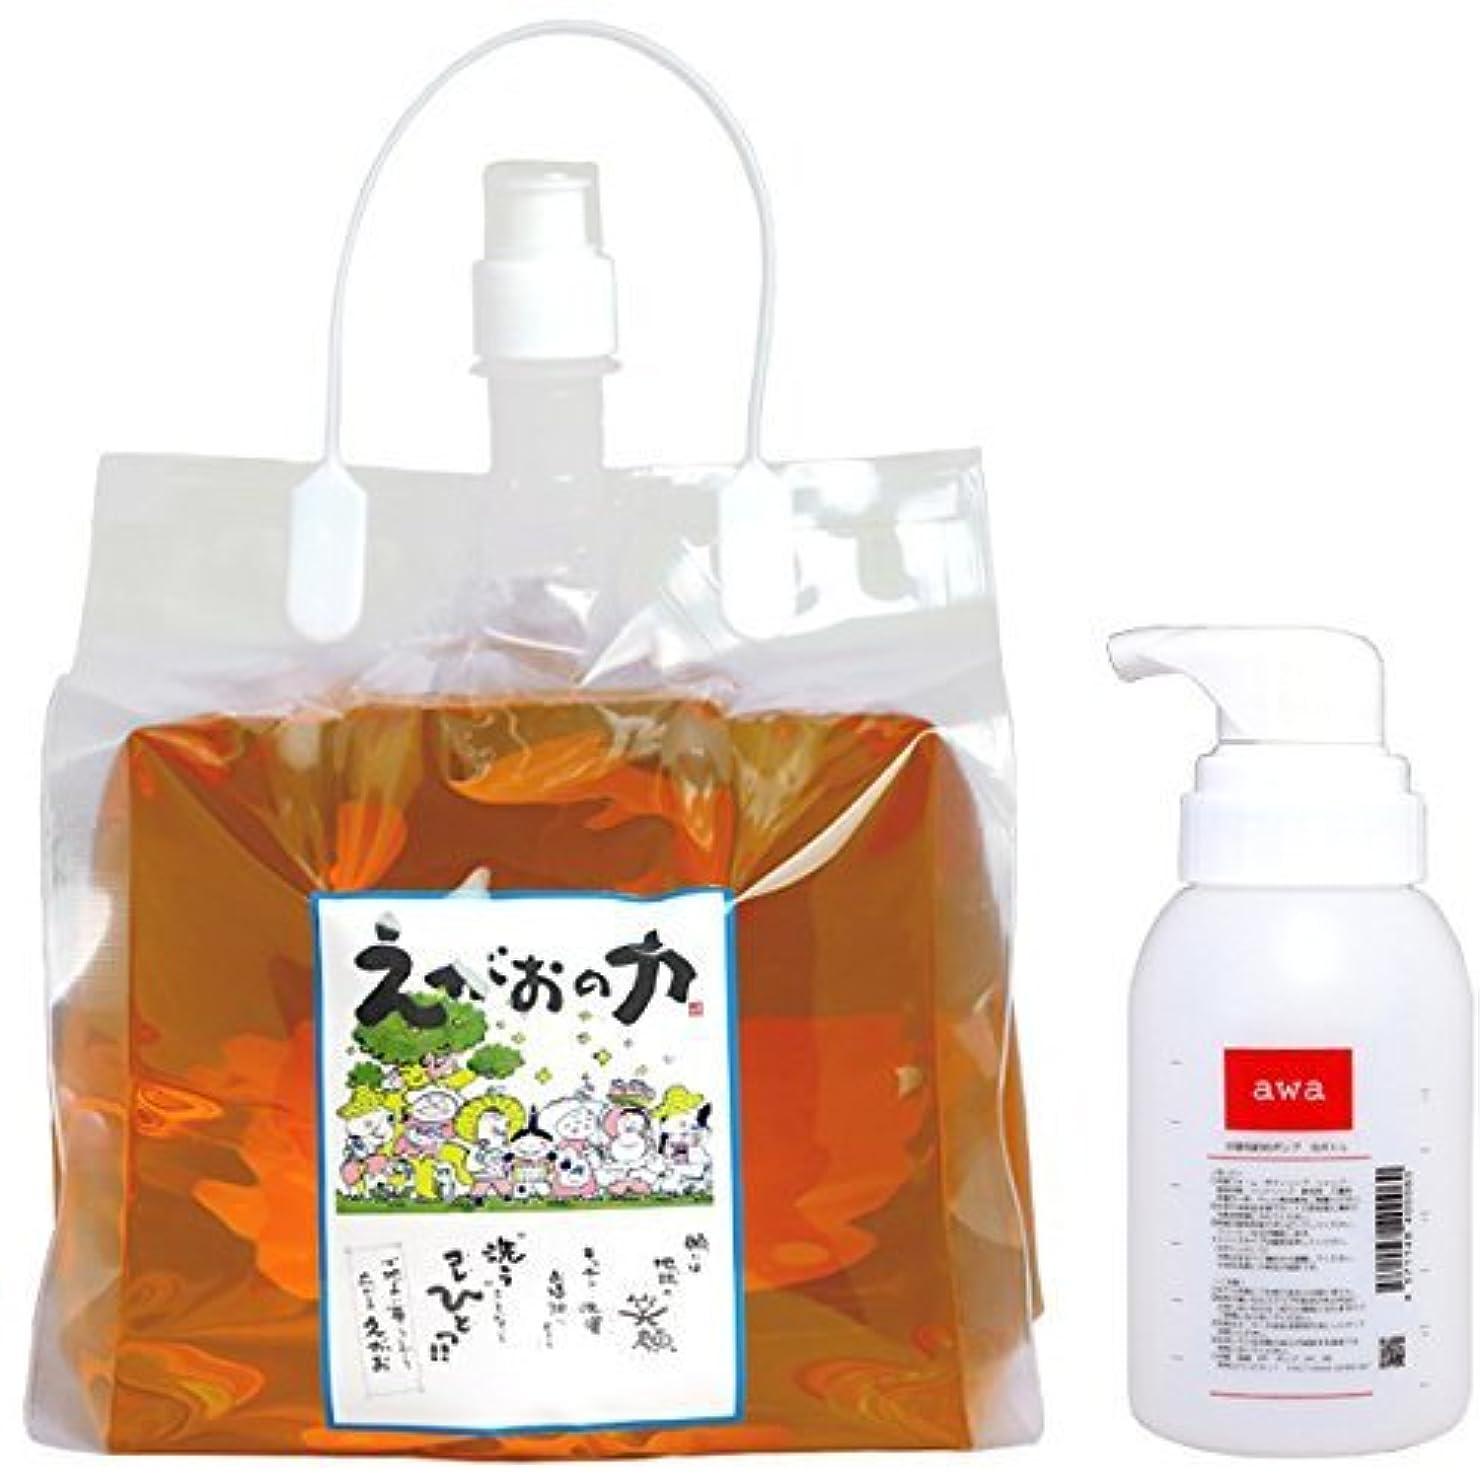 エクステントバスタブキロメートル植物油由来成分からできた濃縮自然派洗剤「えがおの力(旧松の力)」4L濃縮/ エコロジー泡ボトル350mlセット